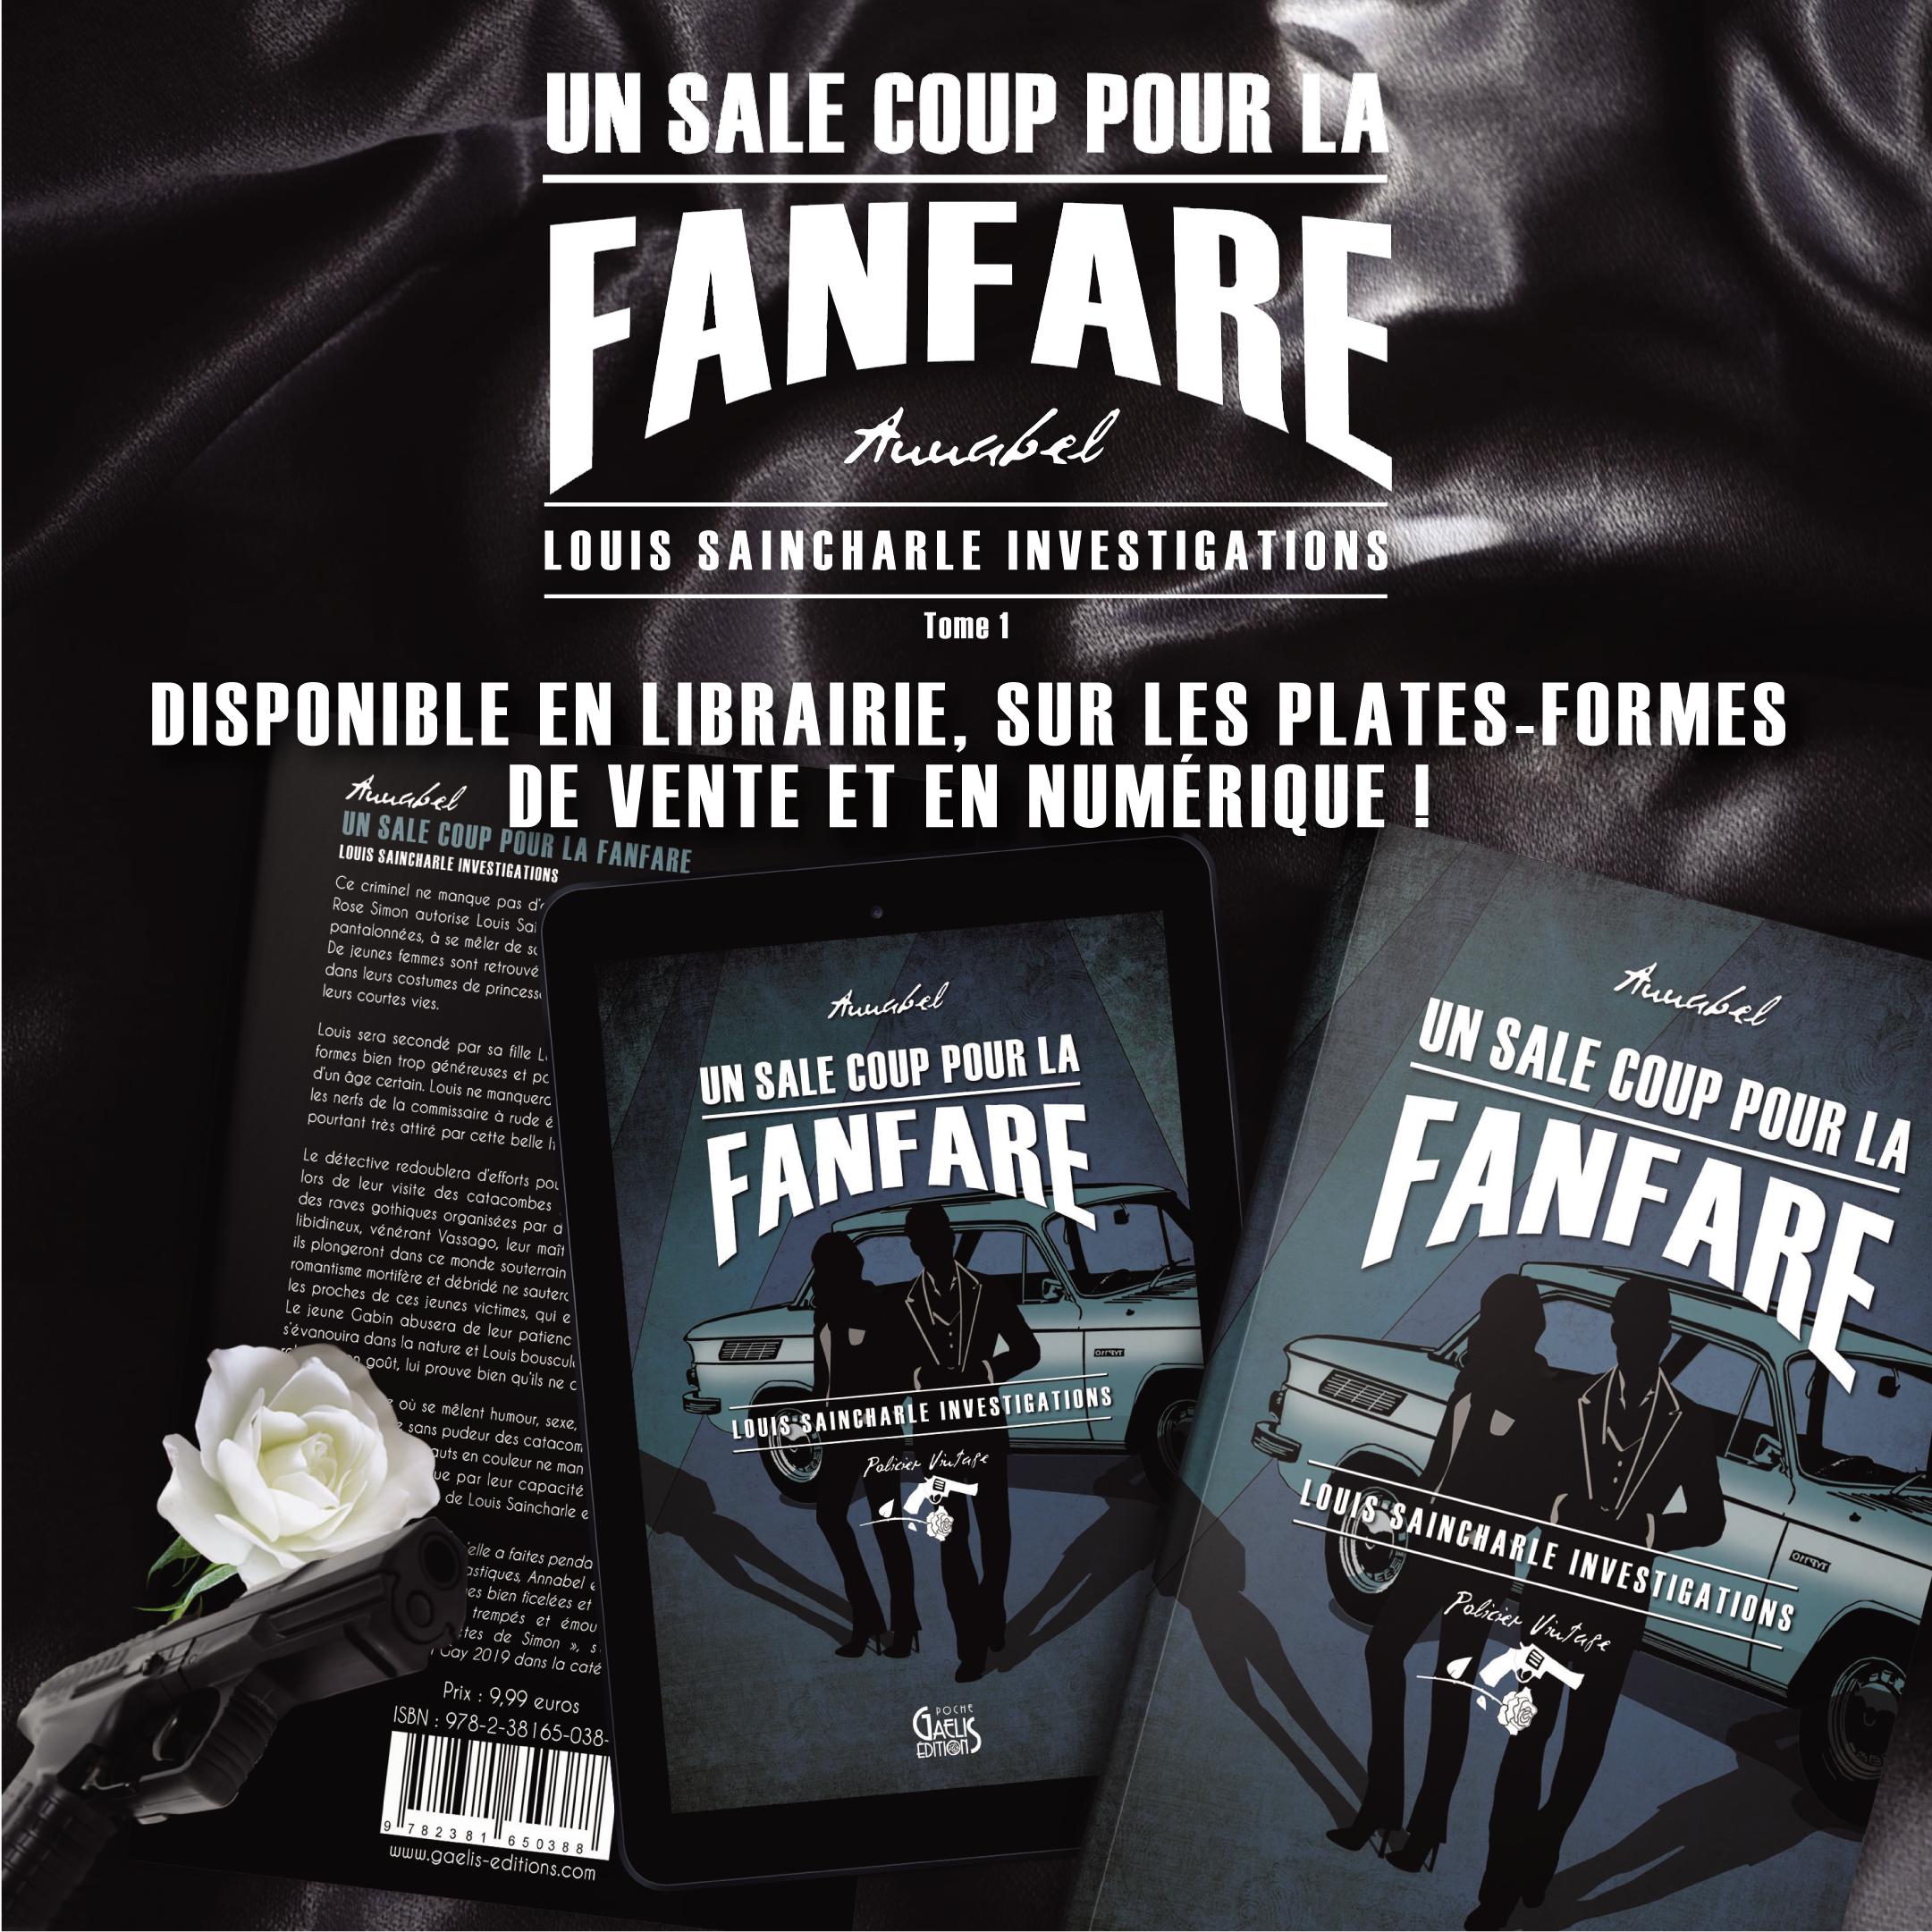 Un Sale Coup pour la fanfare-Louis Saincharle Investigations-Annabel-Gaelis Editions